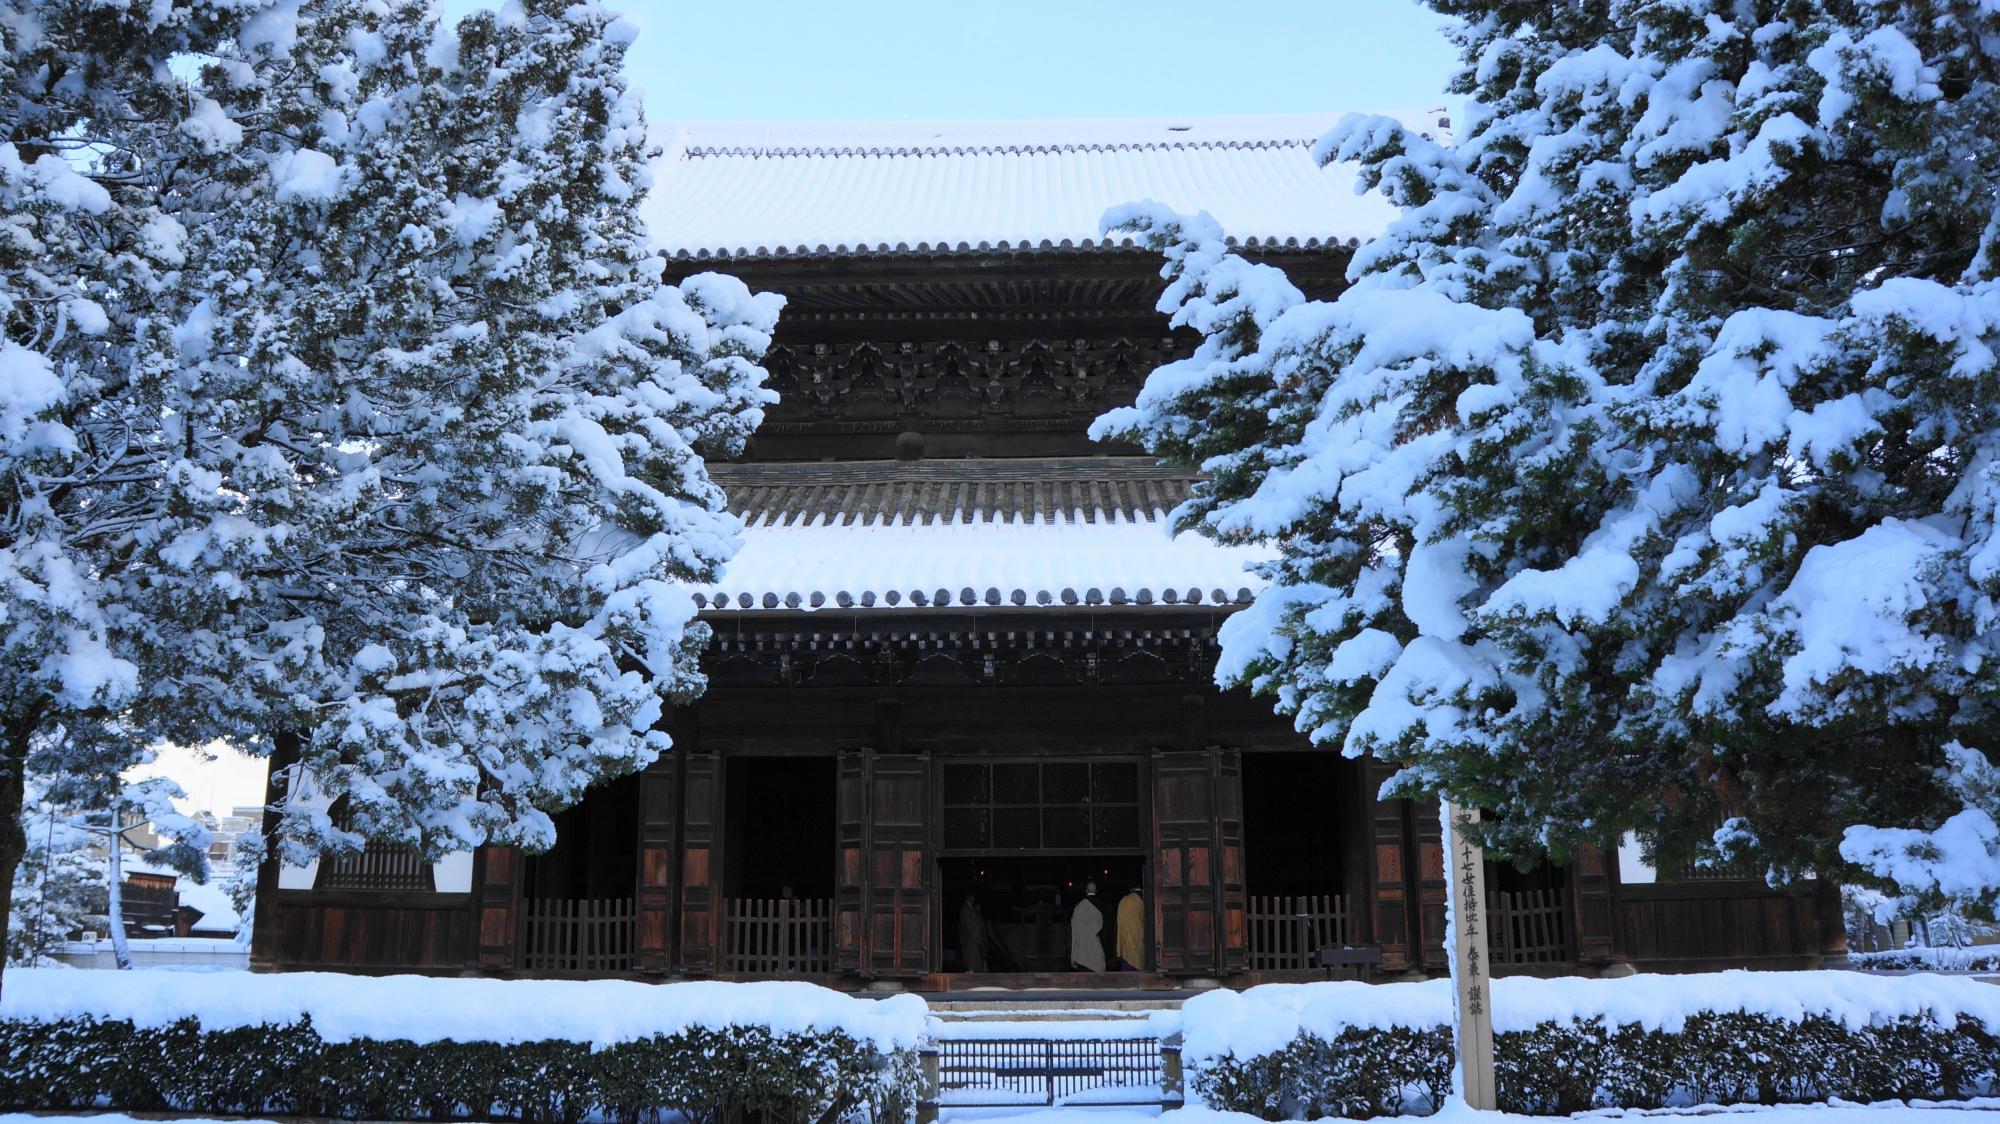 建仁寺の法堂の雪景色